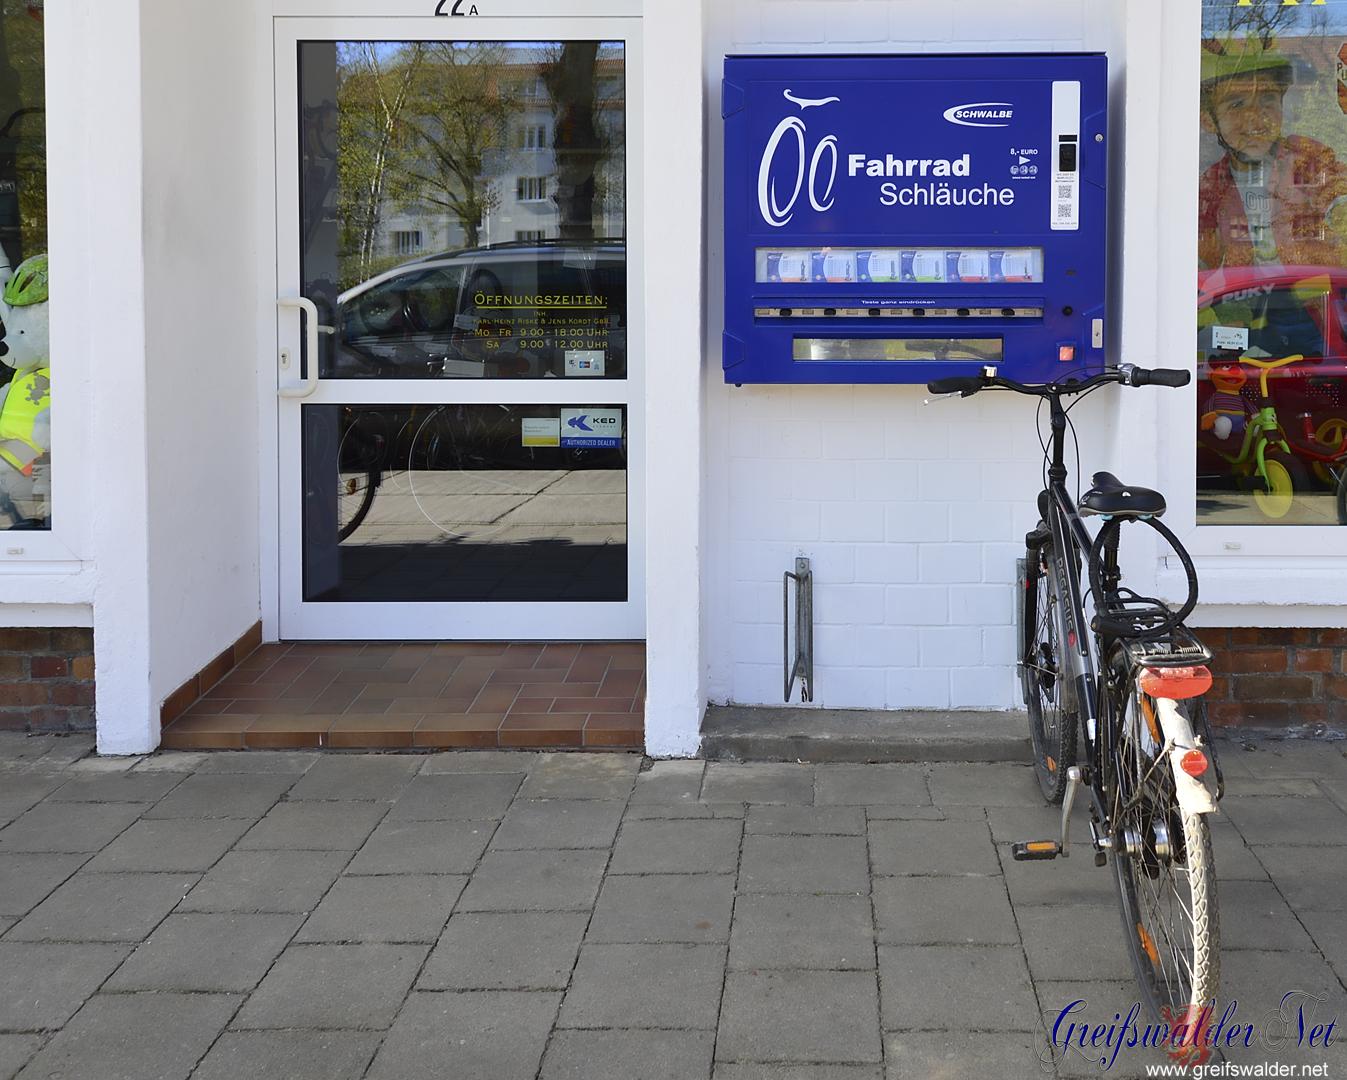 Fahrradschlauch-Automat